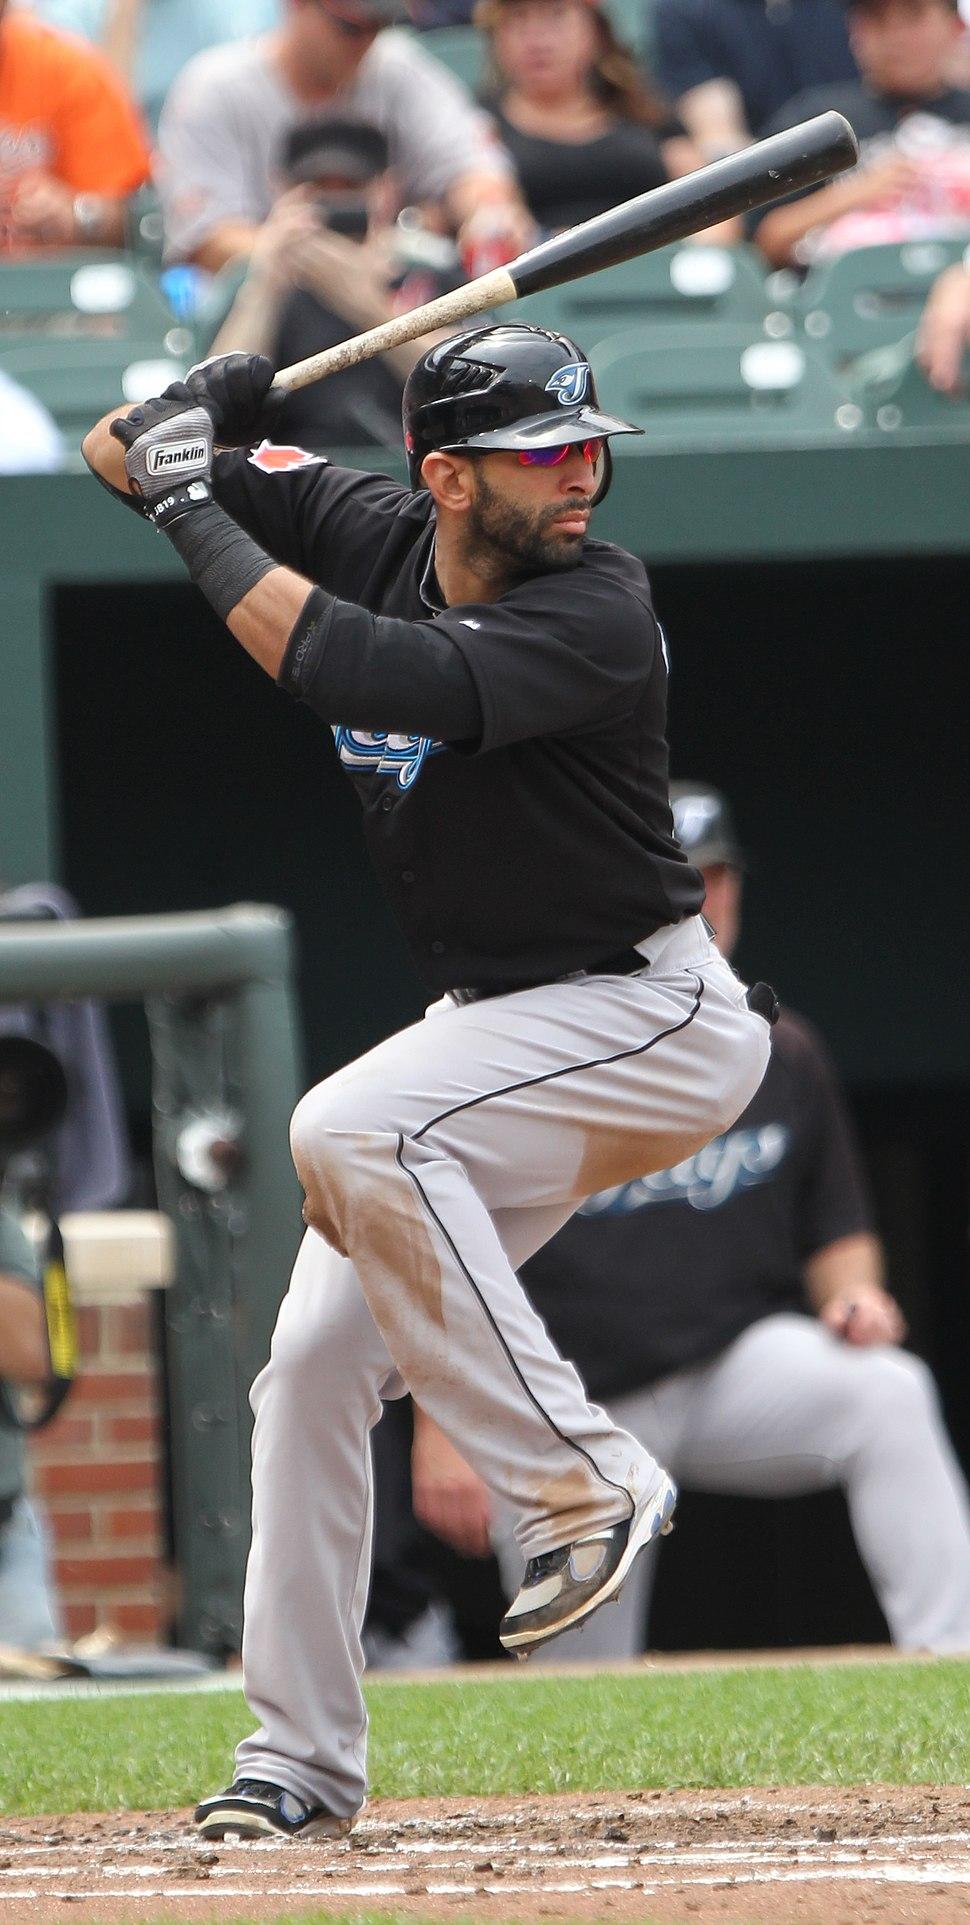 José Bautista on June 5, 2011